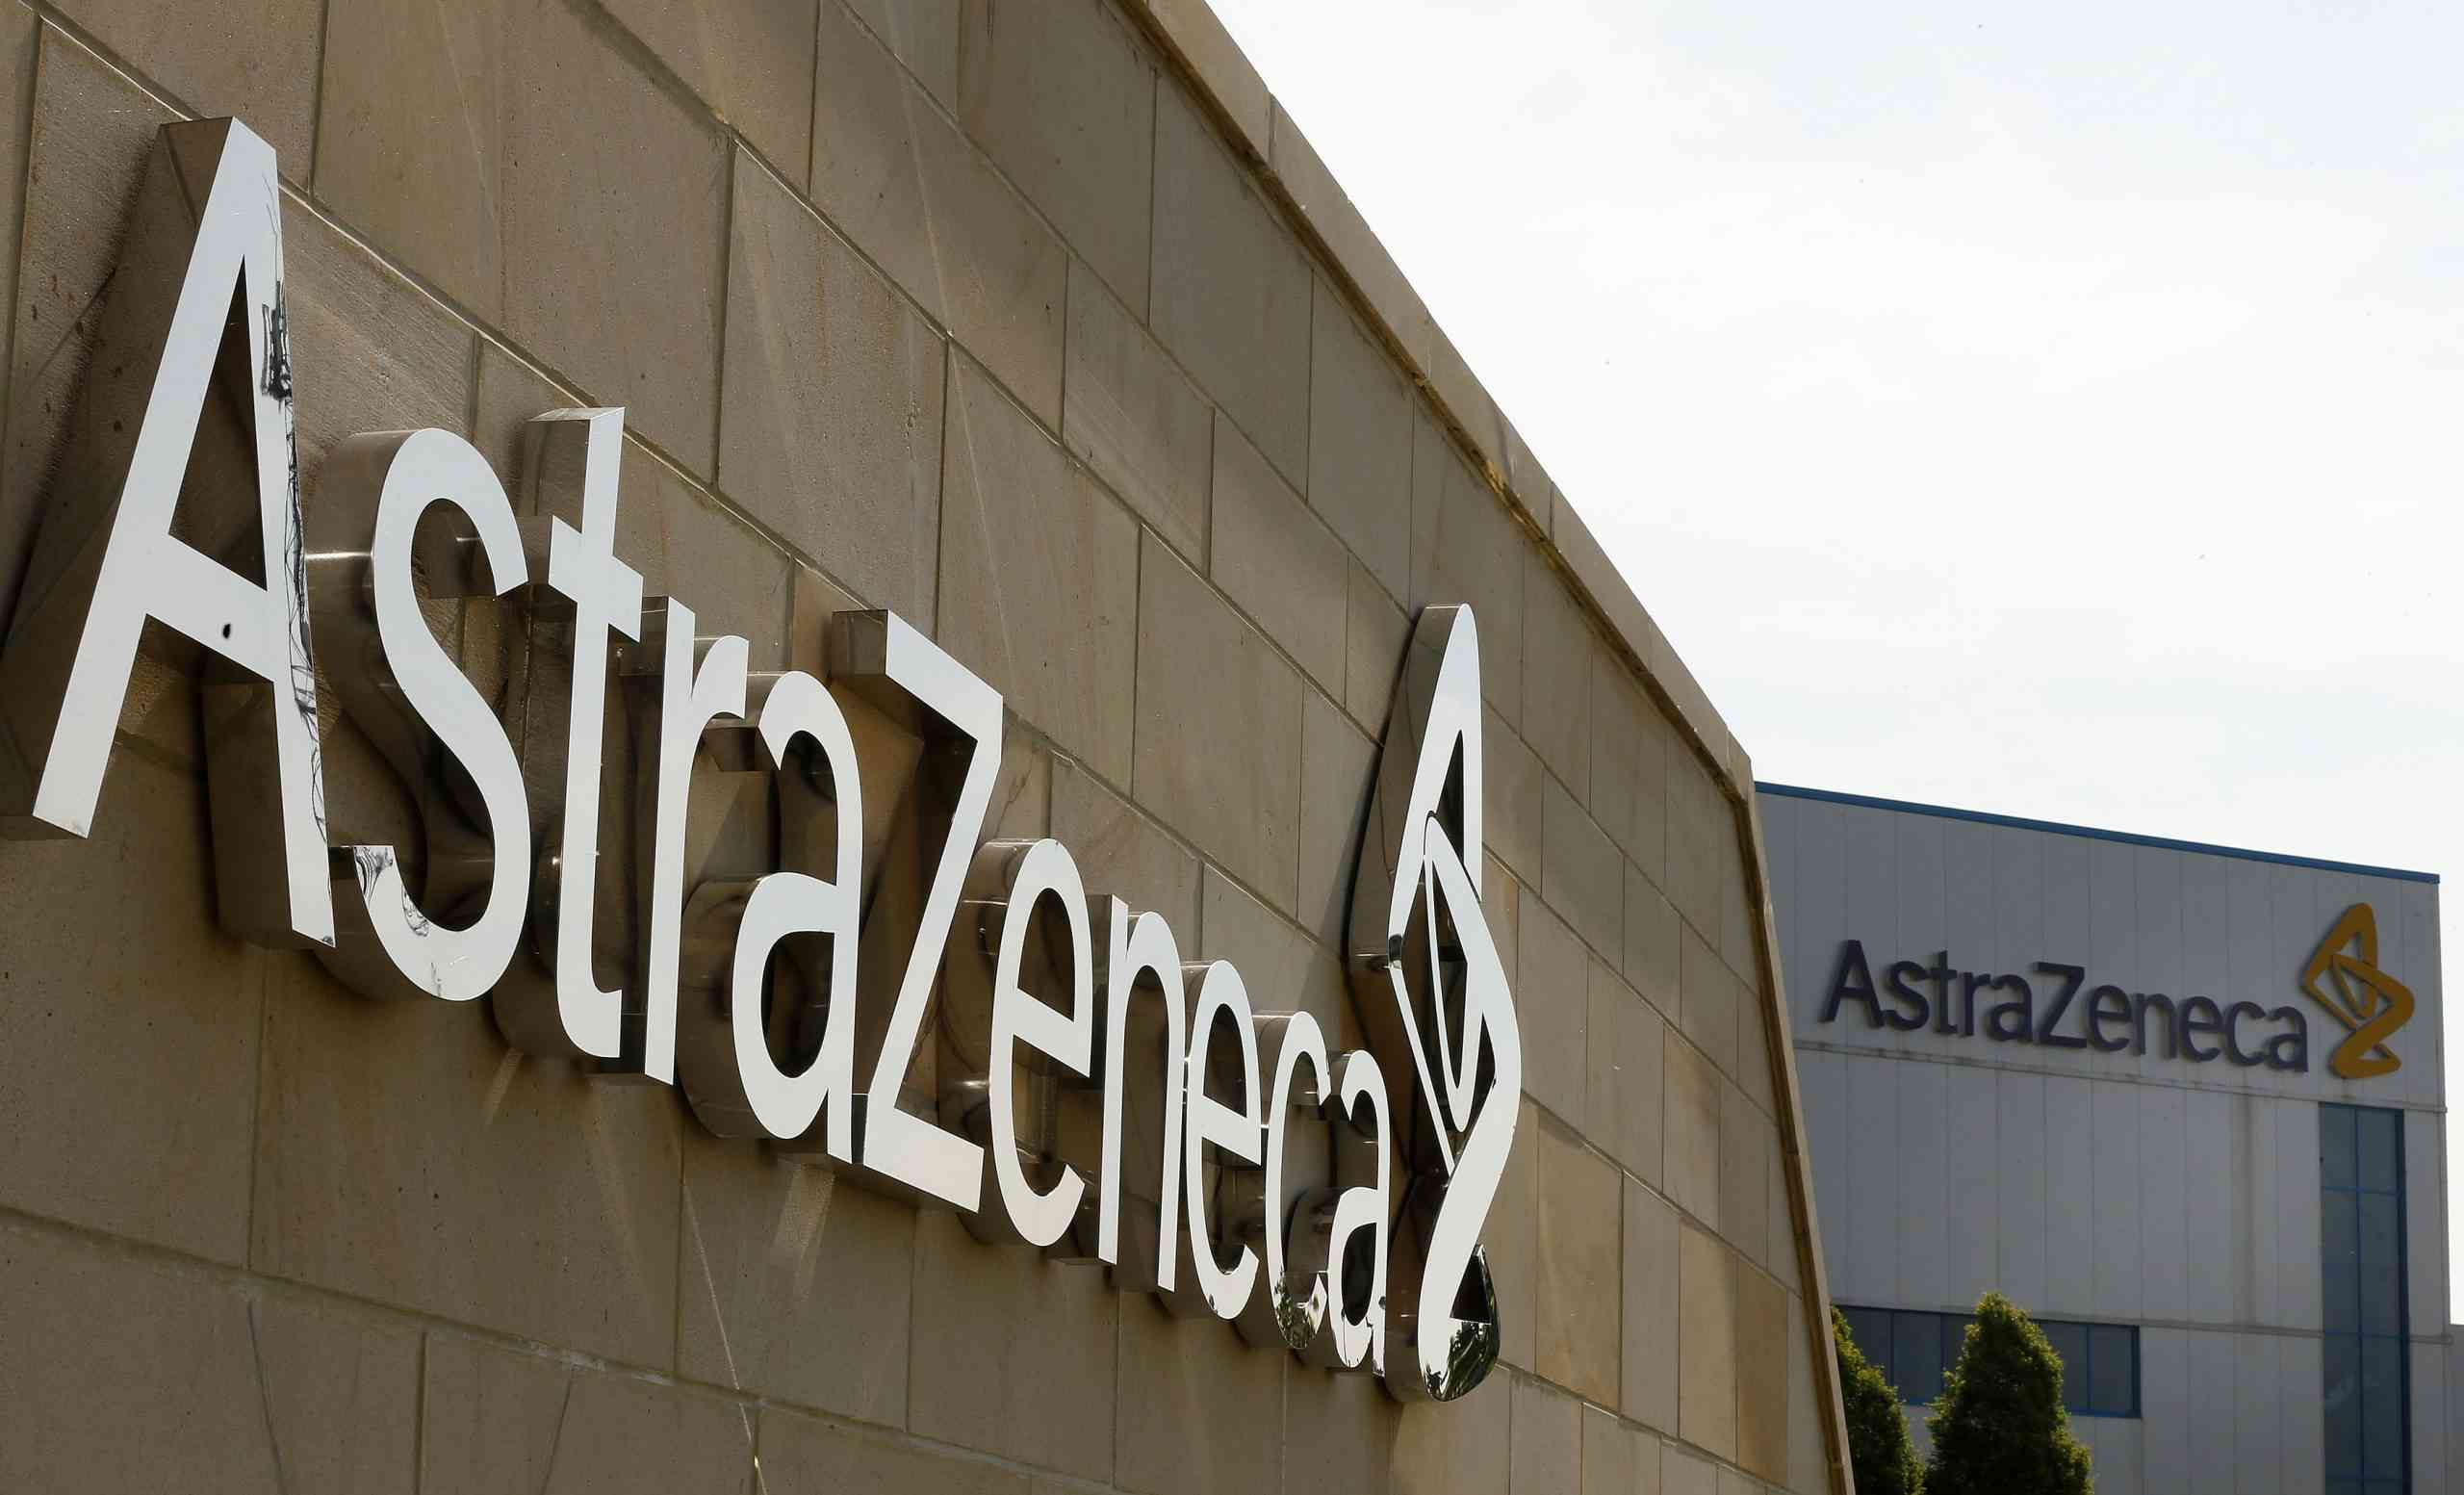 ΑstraZeneca: Παλιά στελέχη σε νέους ρόλους